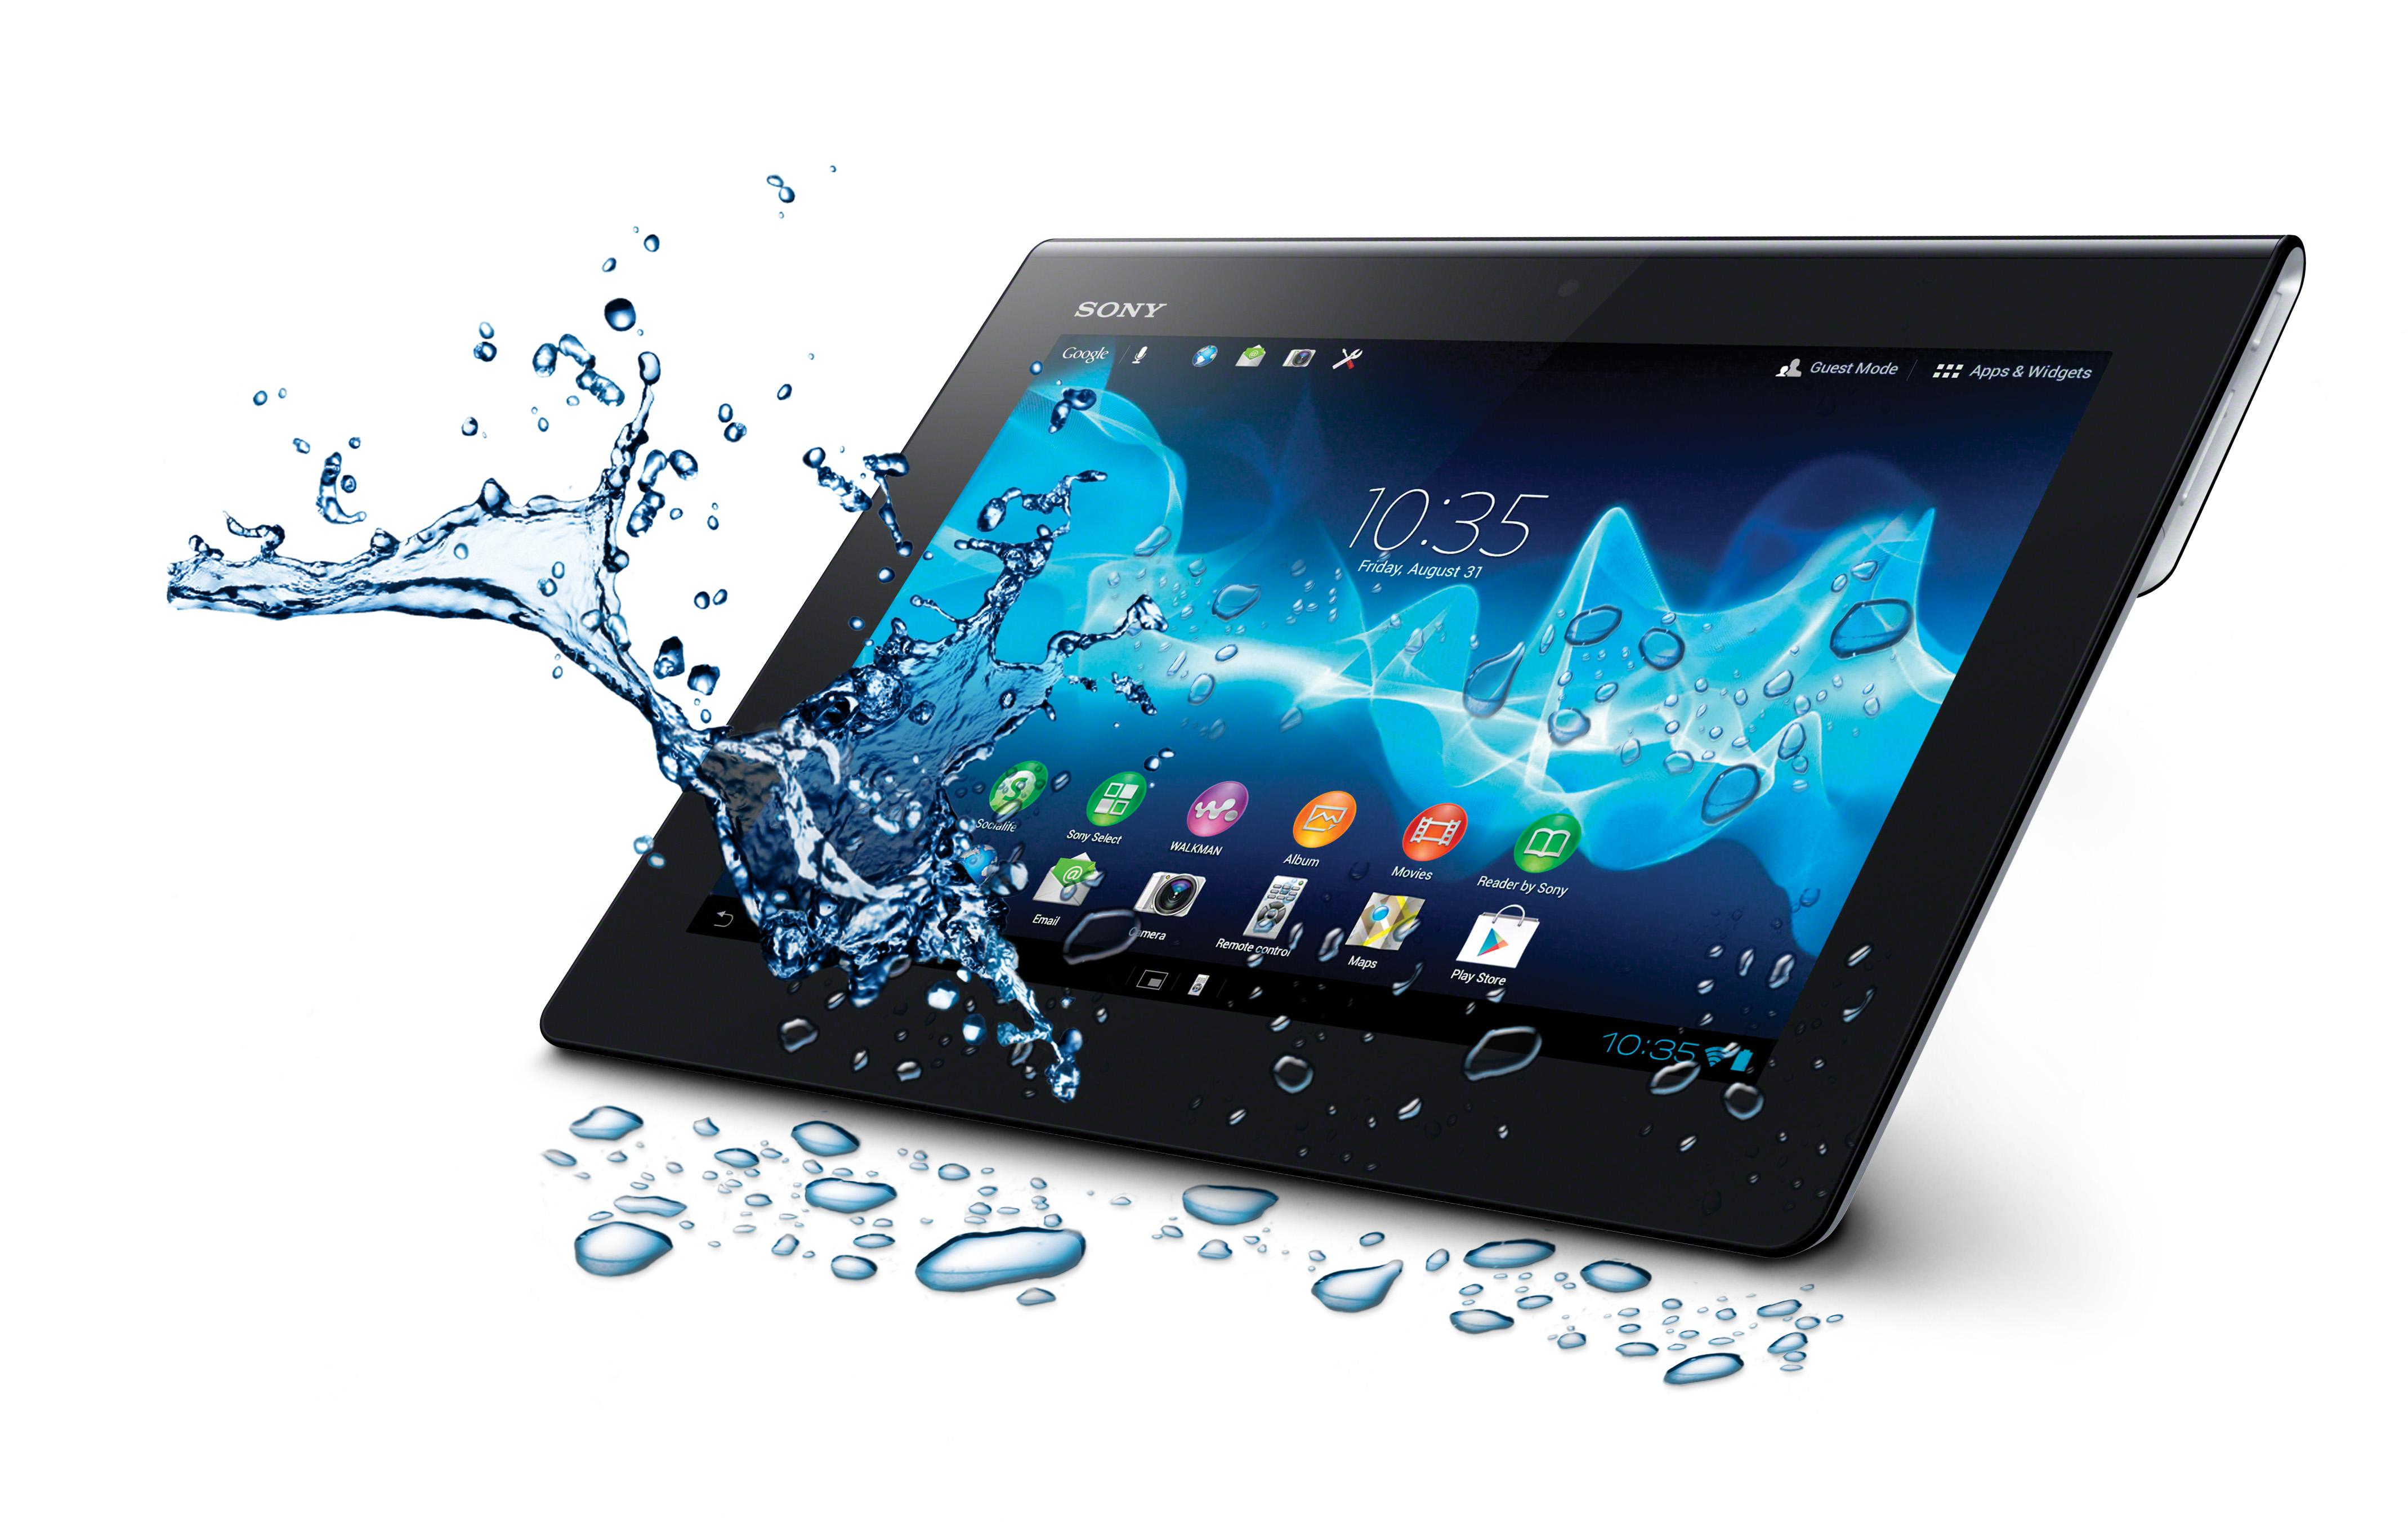 """Планшетный ПК Sony Xperia Tablet S 16GB имеет интересную фишку: защиту от брызг. Довольно любопытная особенность выделяющая его на фоне других. Операционная система Android 4.1 Jelly Bean. Процессор NVIDIA Tegra 3 1.3 ГГц, RAM - 1 ГБайт, 9.4"""" TFT-экран (1280x800). Стандарт связи 3G и WiFi 802.11 a/b/g/n. Оснащен встроенным универсальным пультом дистанционного управления."""